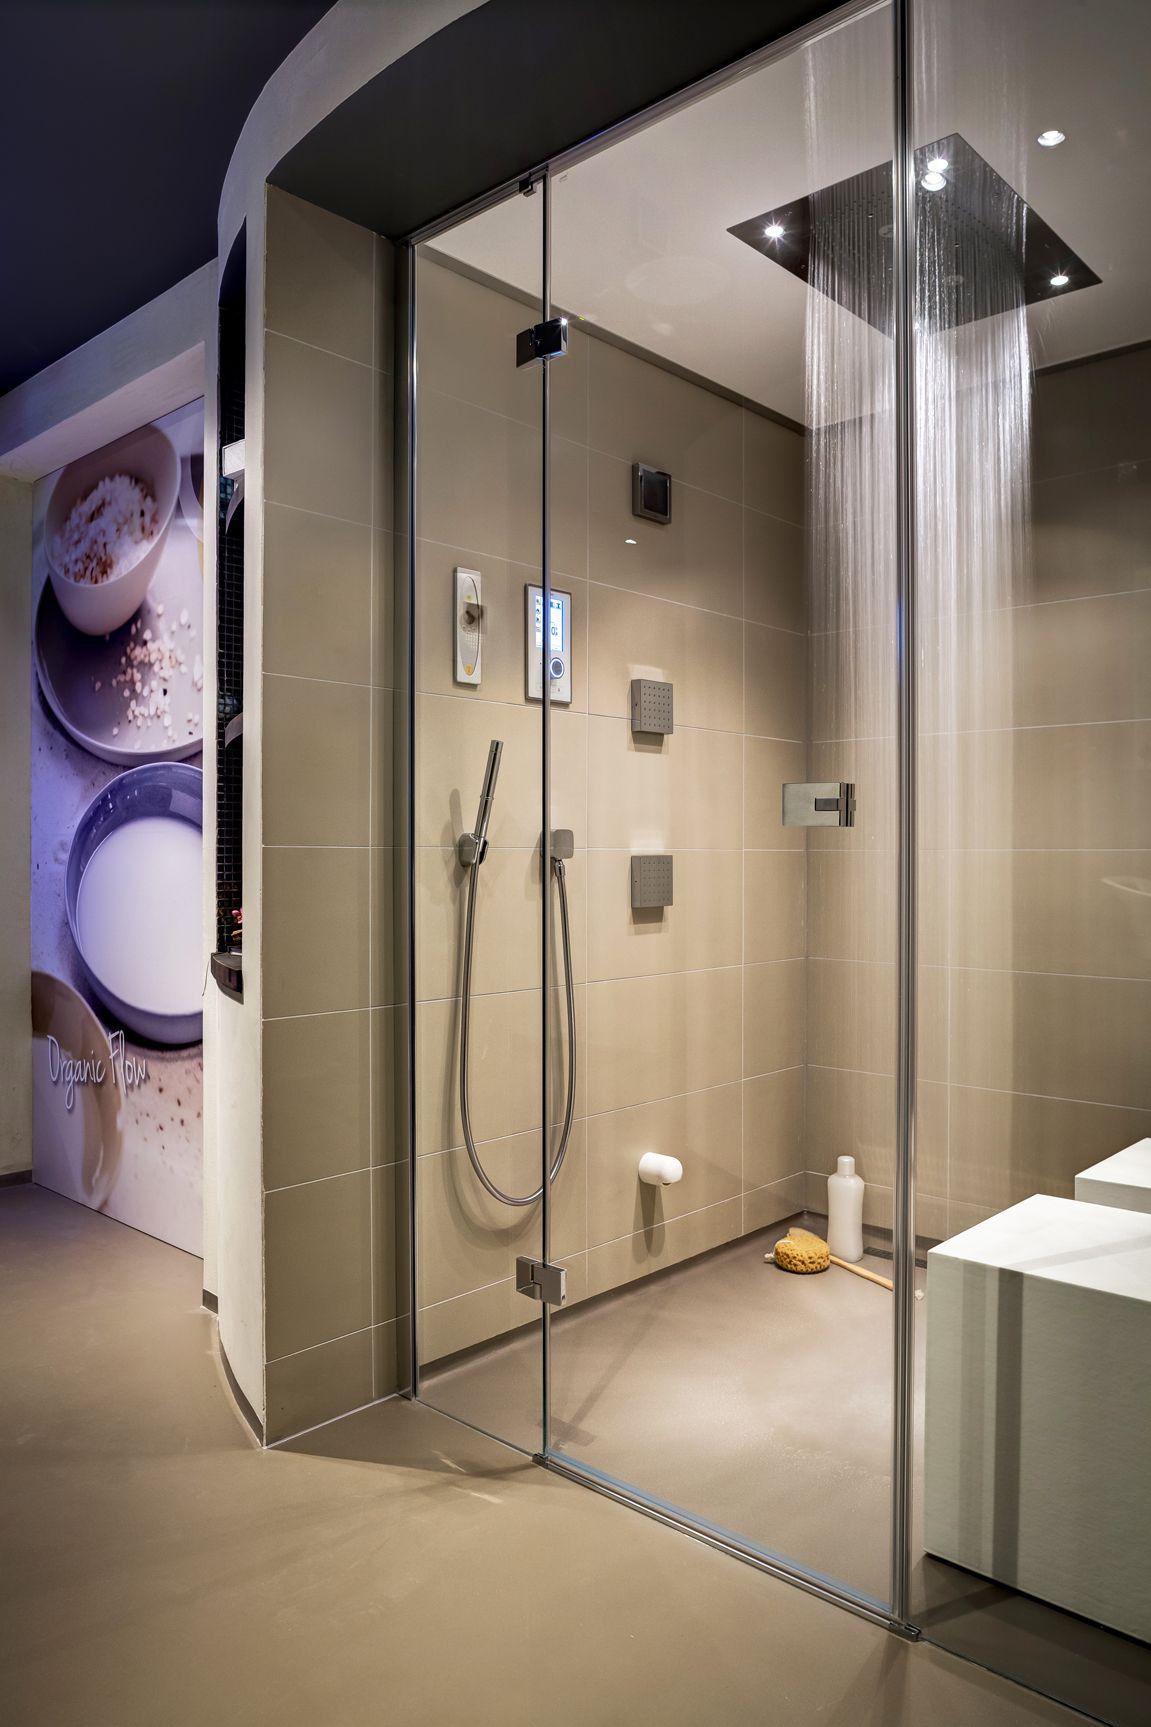 Cleopatra S Steam Shower With Hansgrohe Rainbrain Shower Modern Bathroom Bathroom Design Steam Room Shower